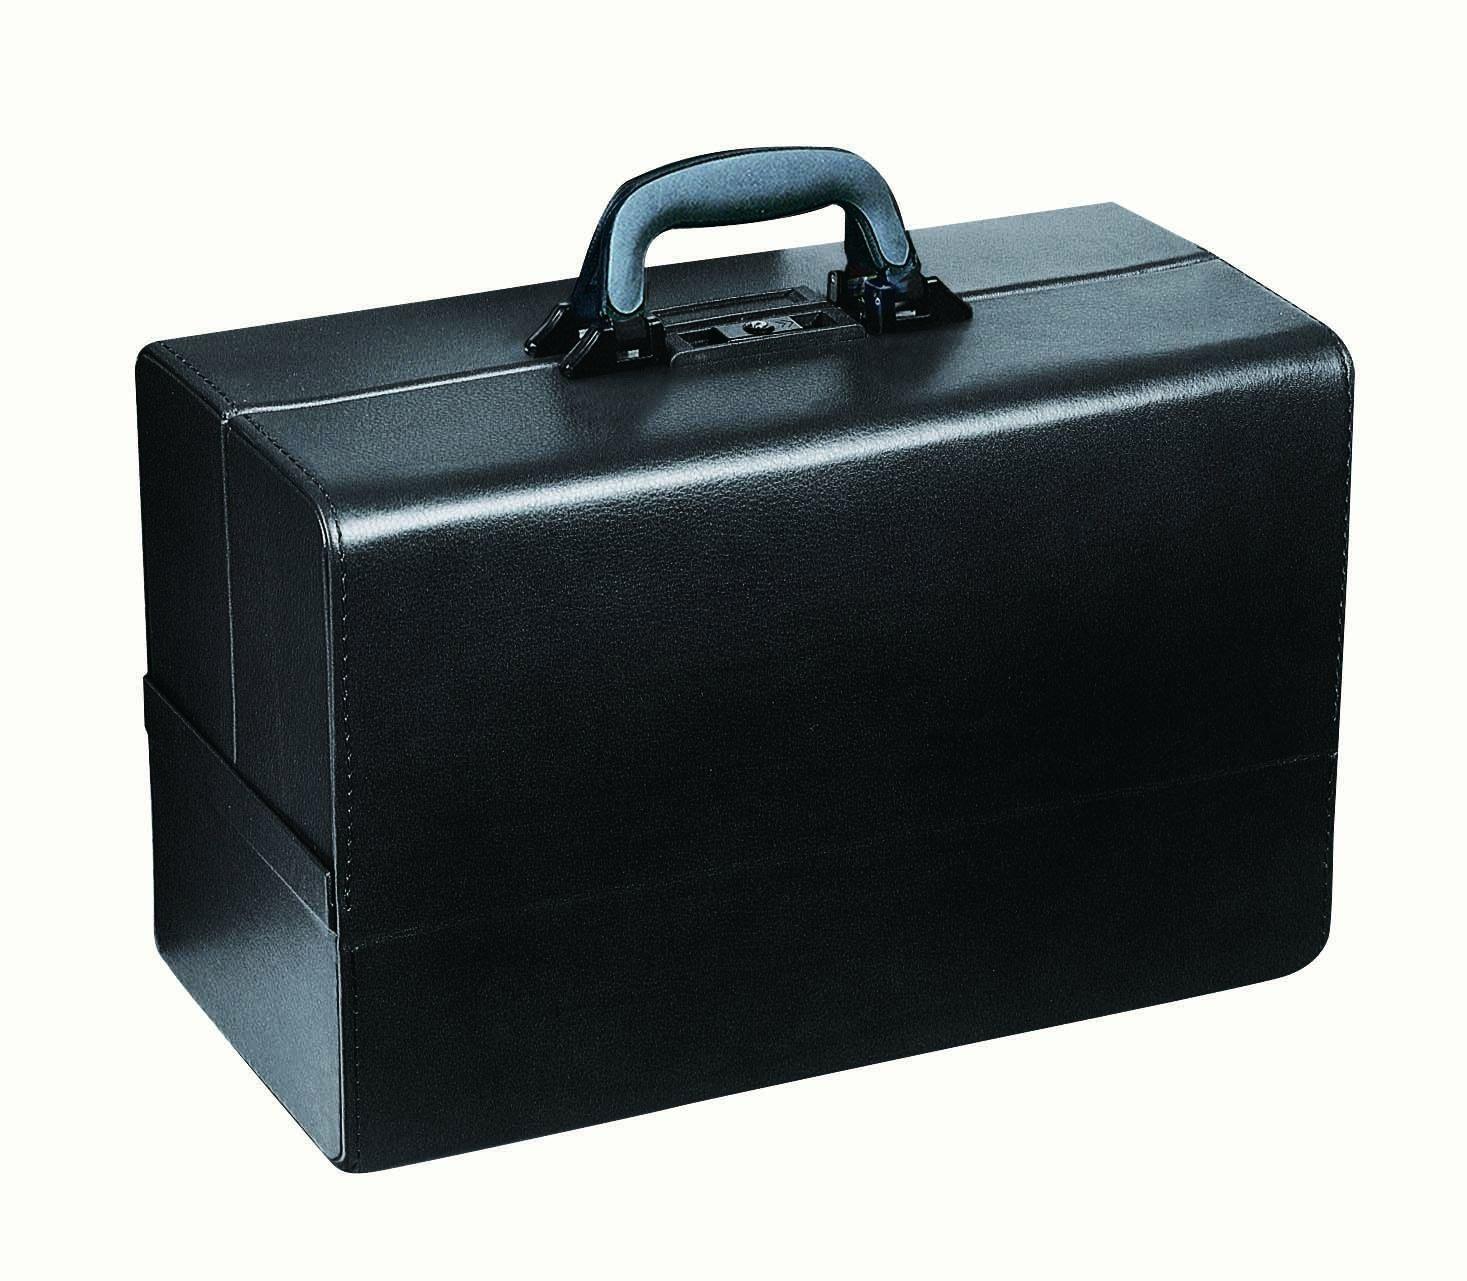 往診鞄 コンチェルティナ 1.06.311(ブラック) 松吉医科器械 23-2283-00   B076CF2BH9